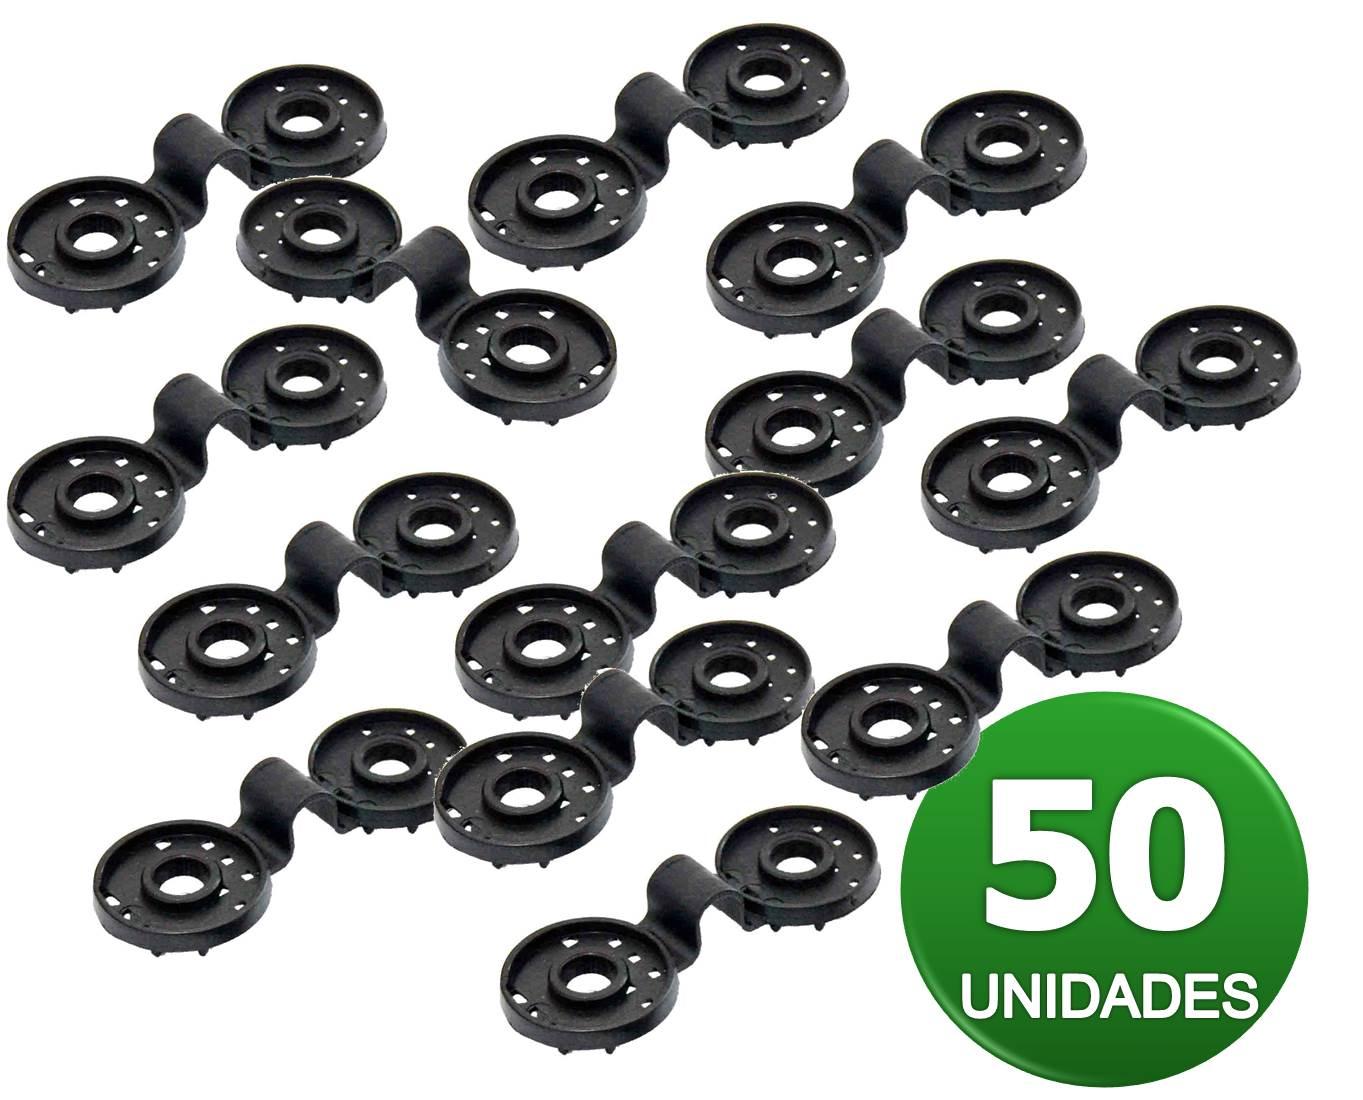 Conector para Sombrite com Ponte 50 UNIDADES